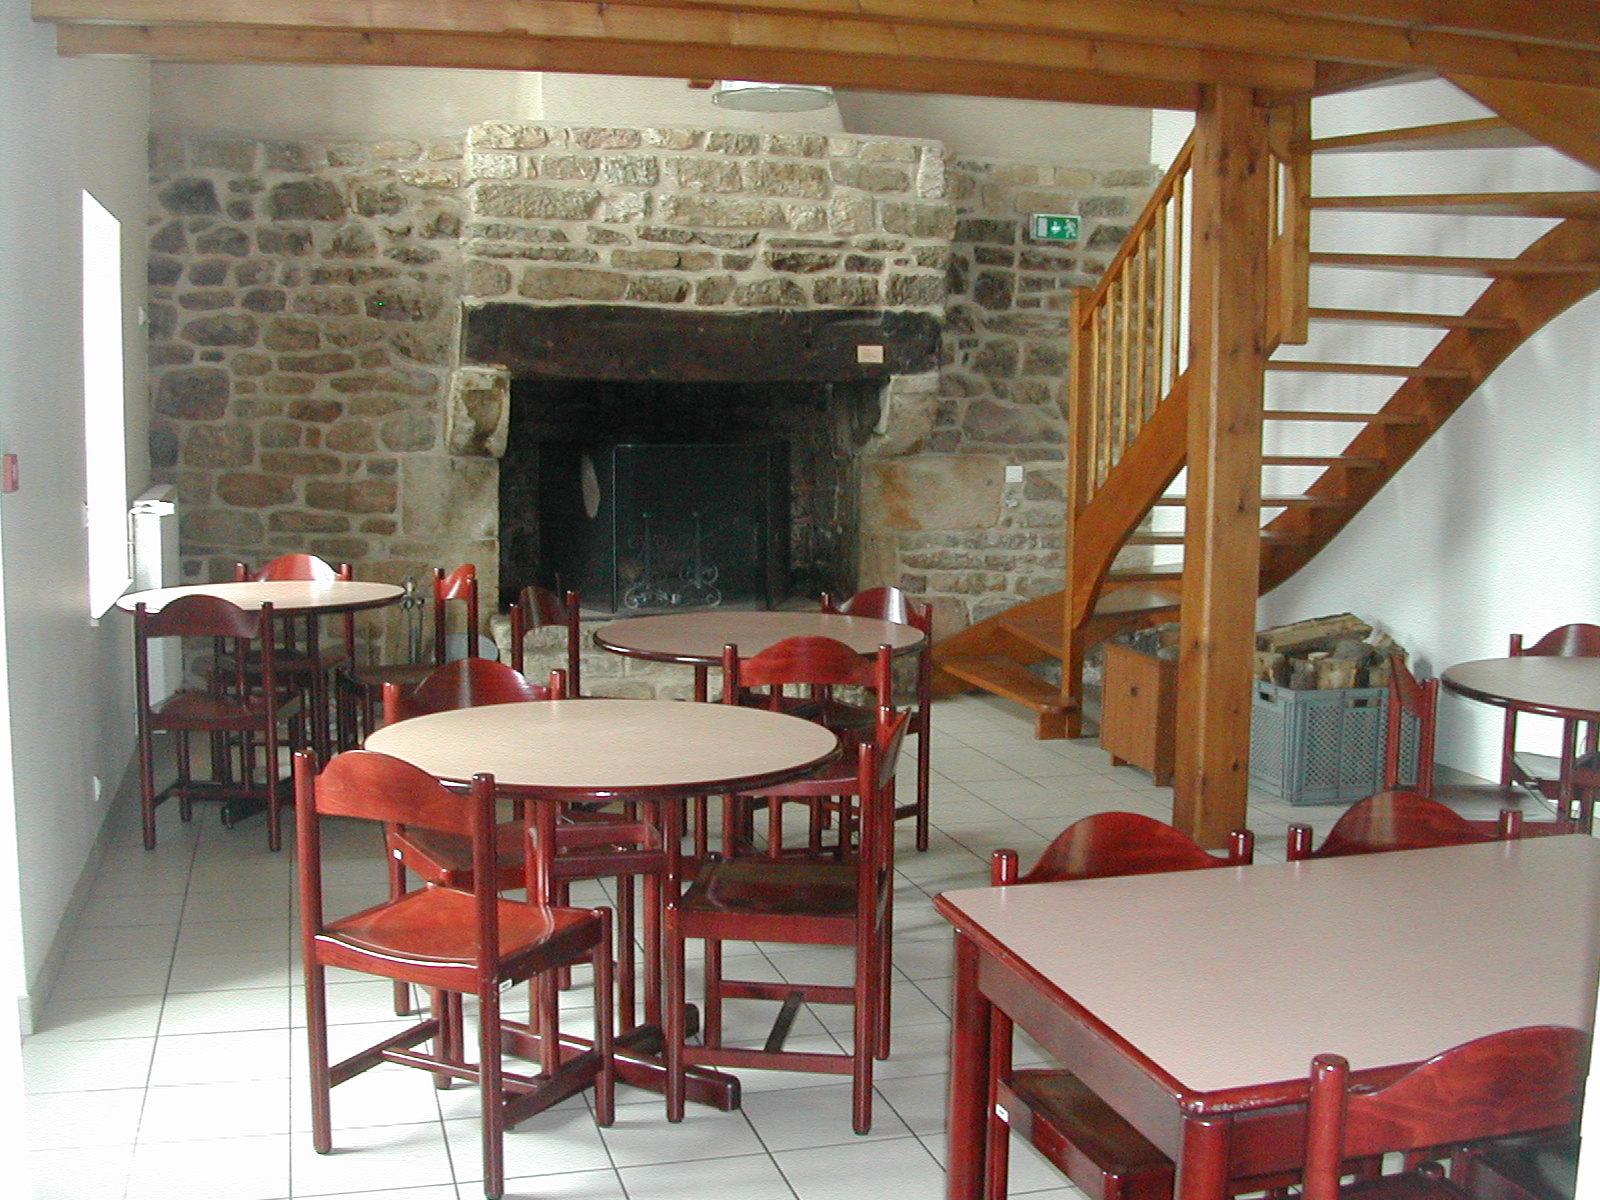 Une salle spacieuse et agrémentée d'une cheminée pour les repas .